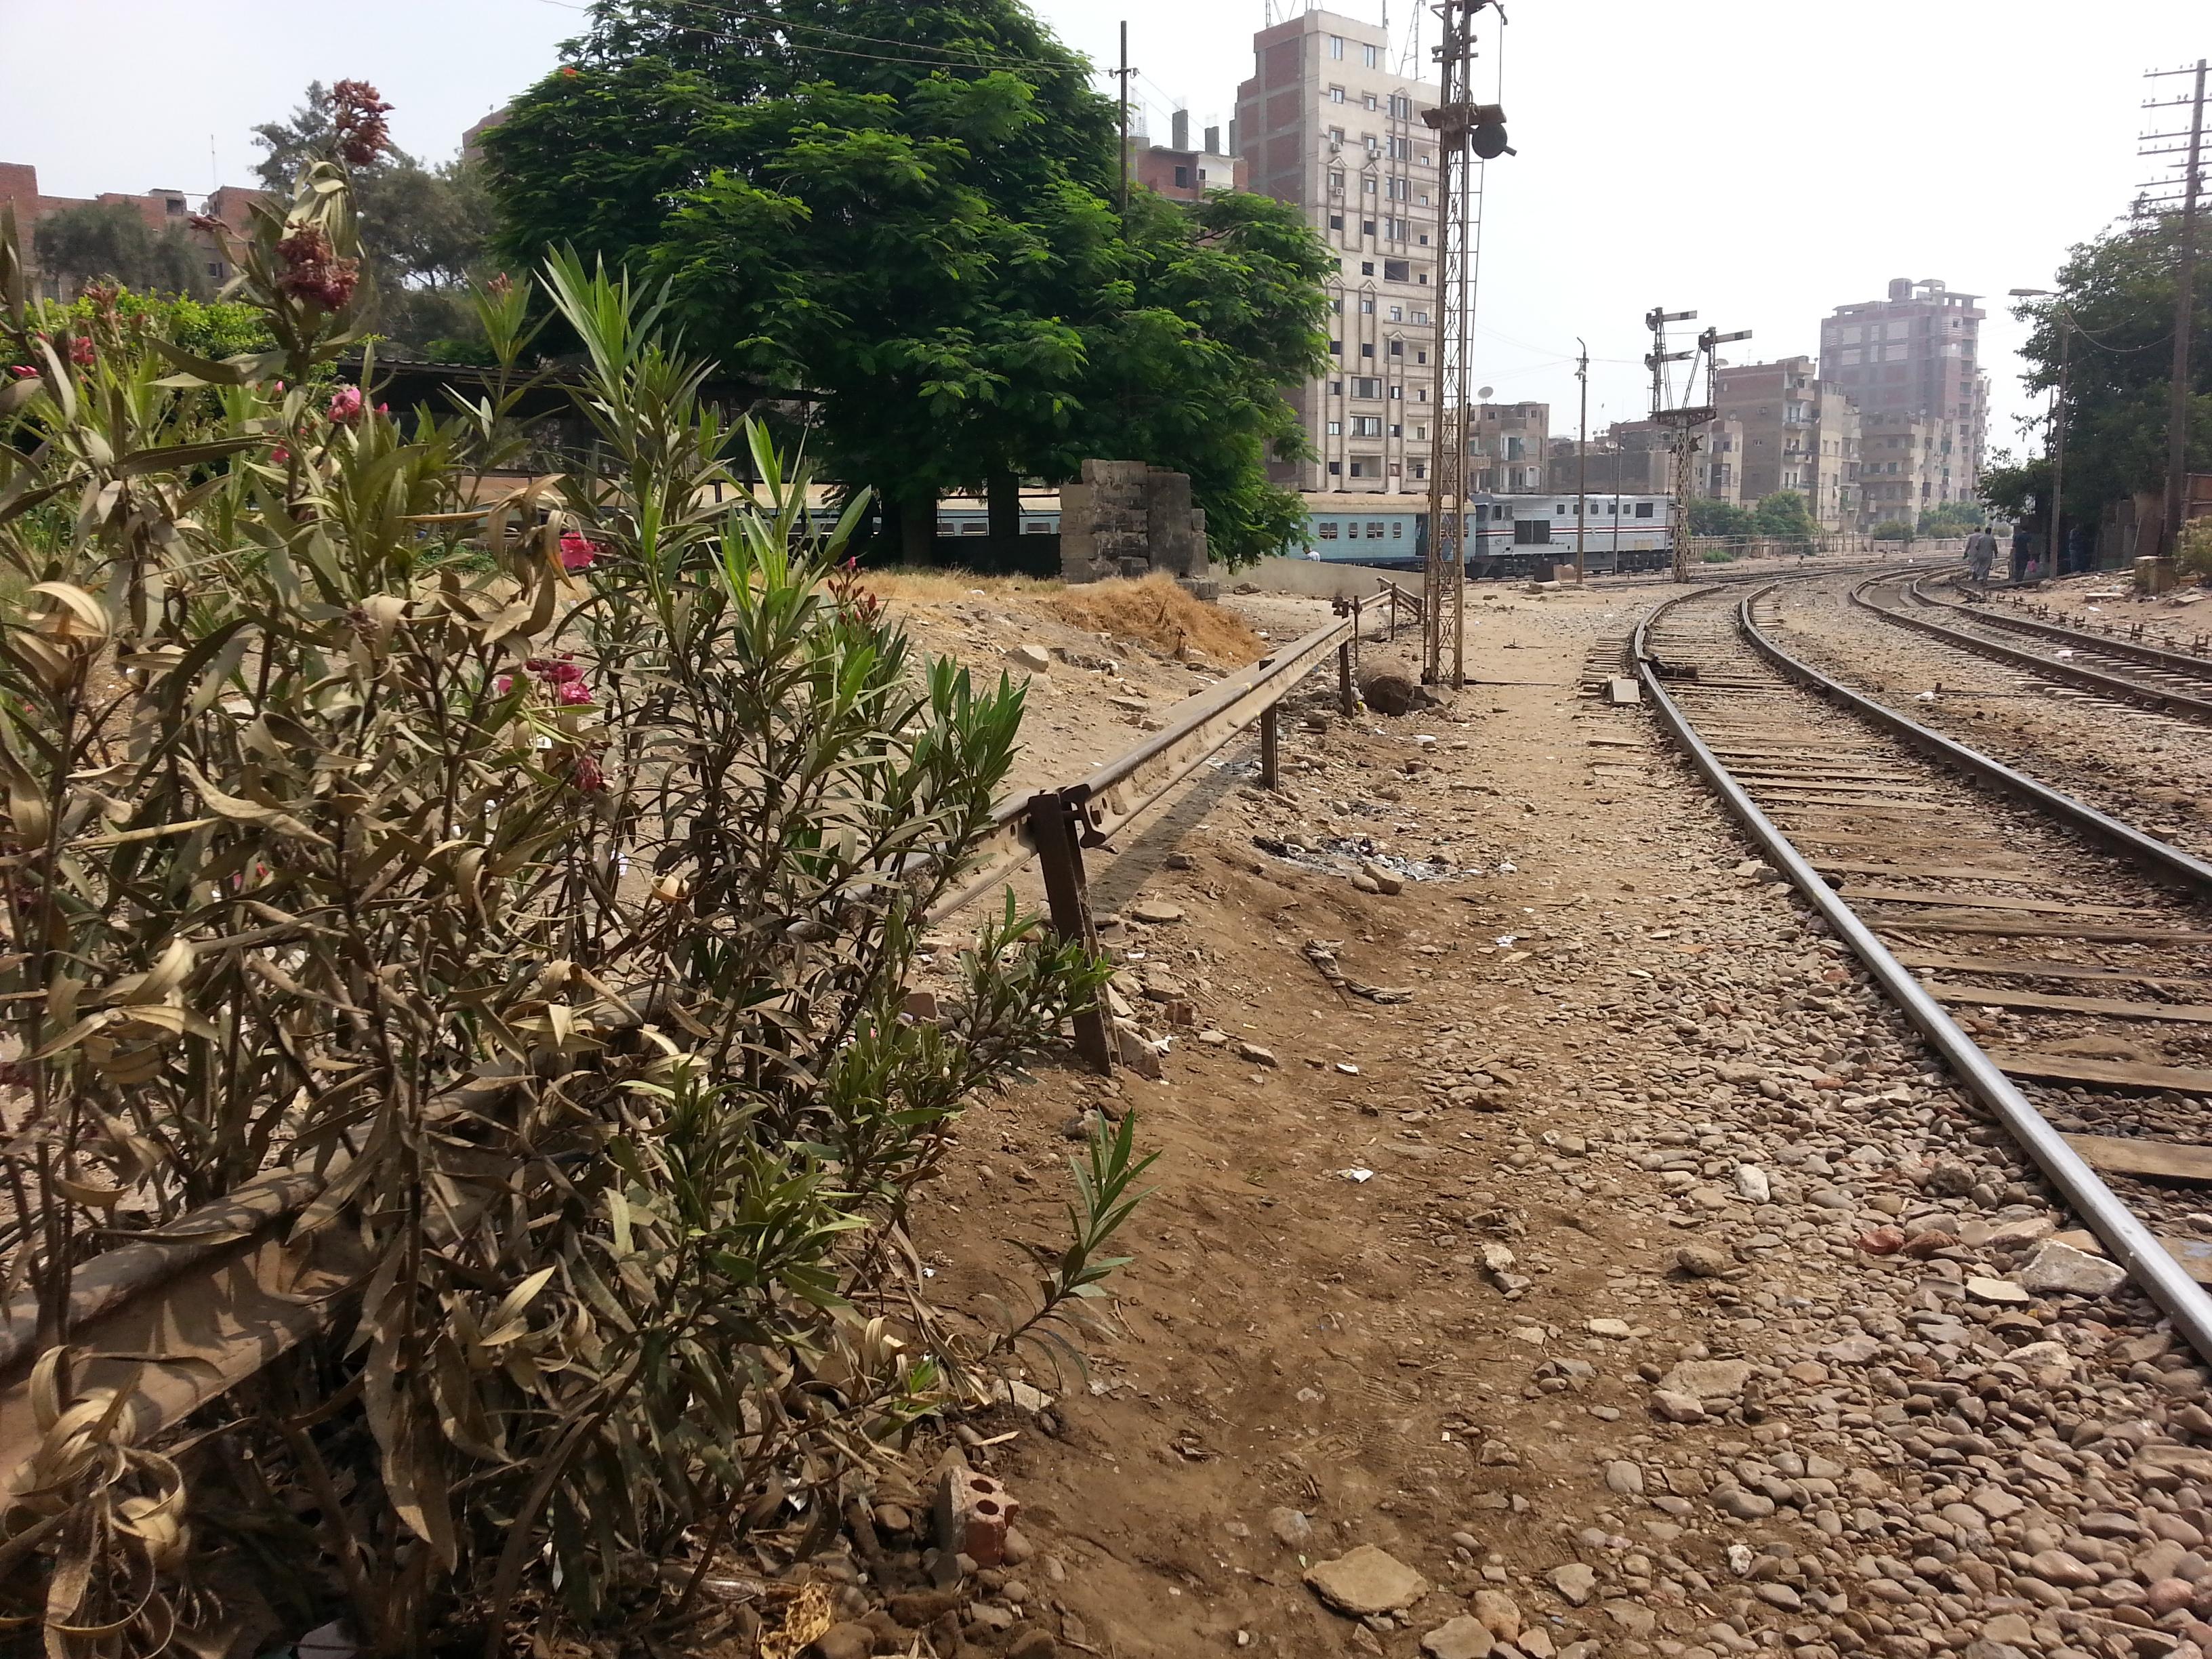 مواعيد قطارات الإسكندرية القاهرة تعرف على أماكن الوقوف لكل قطار